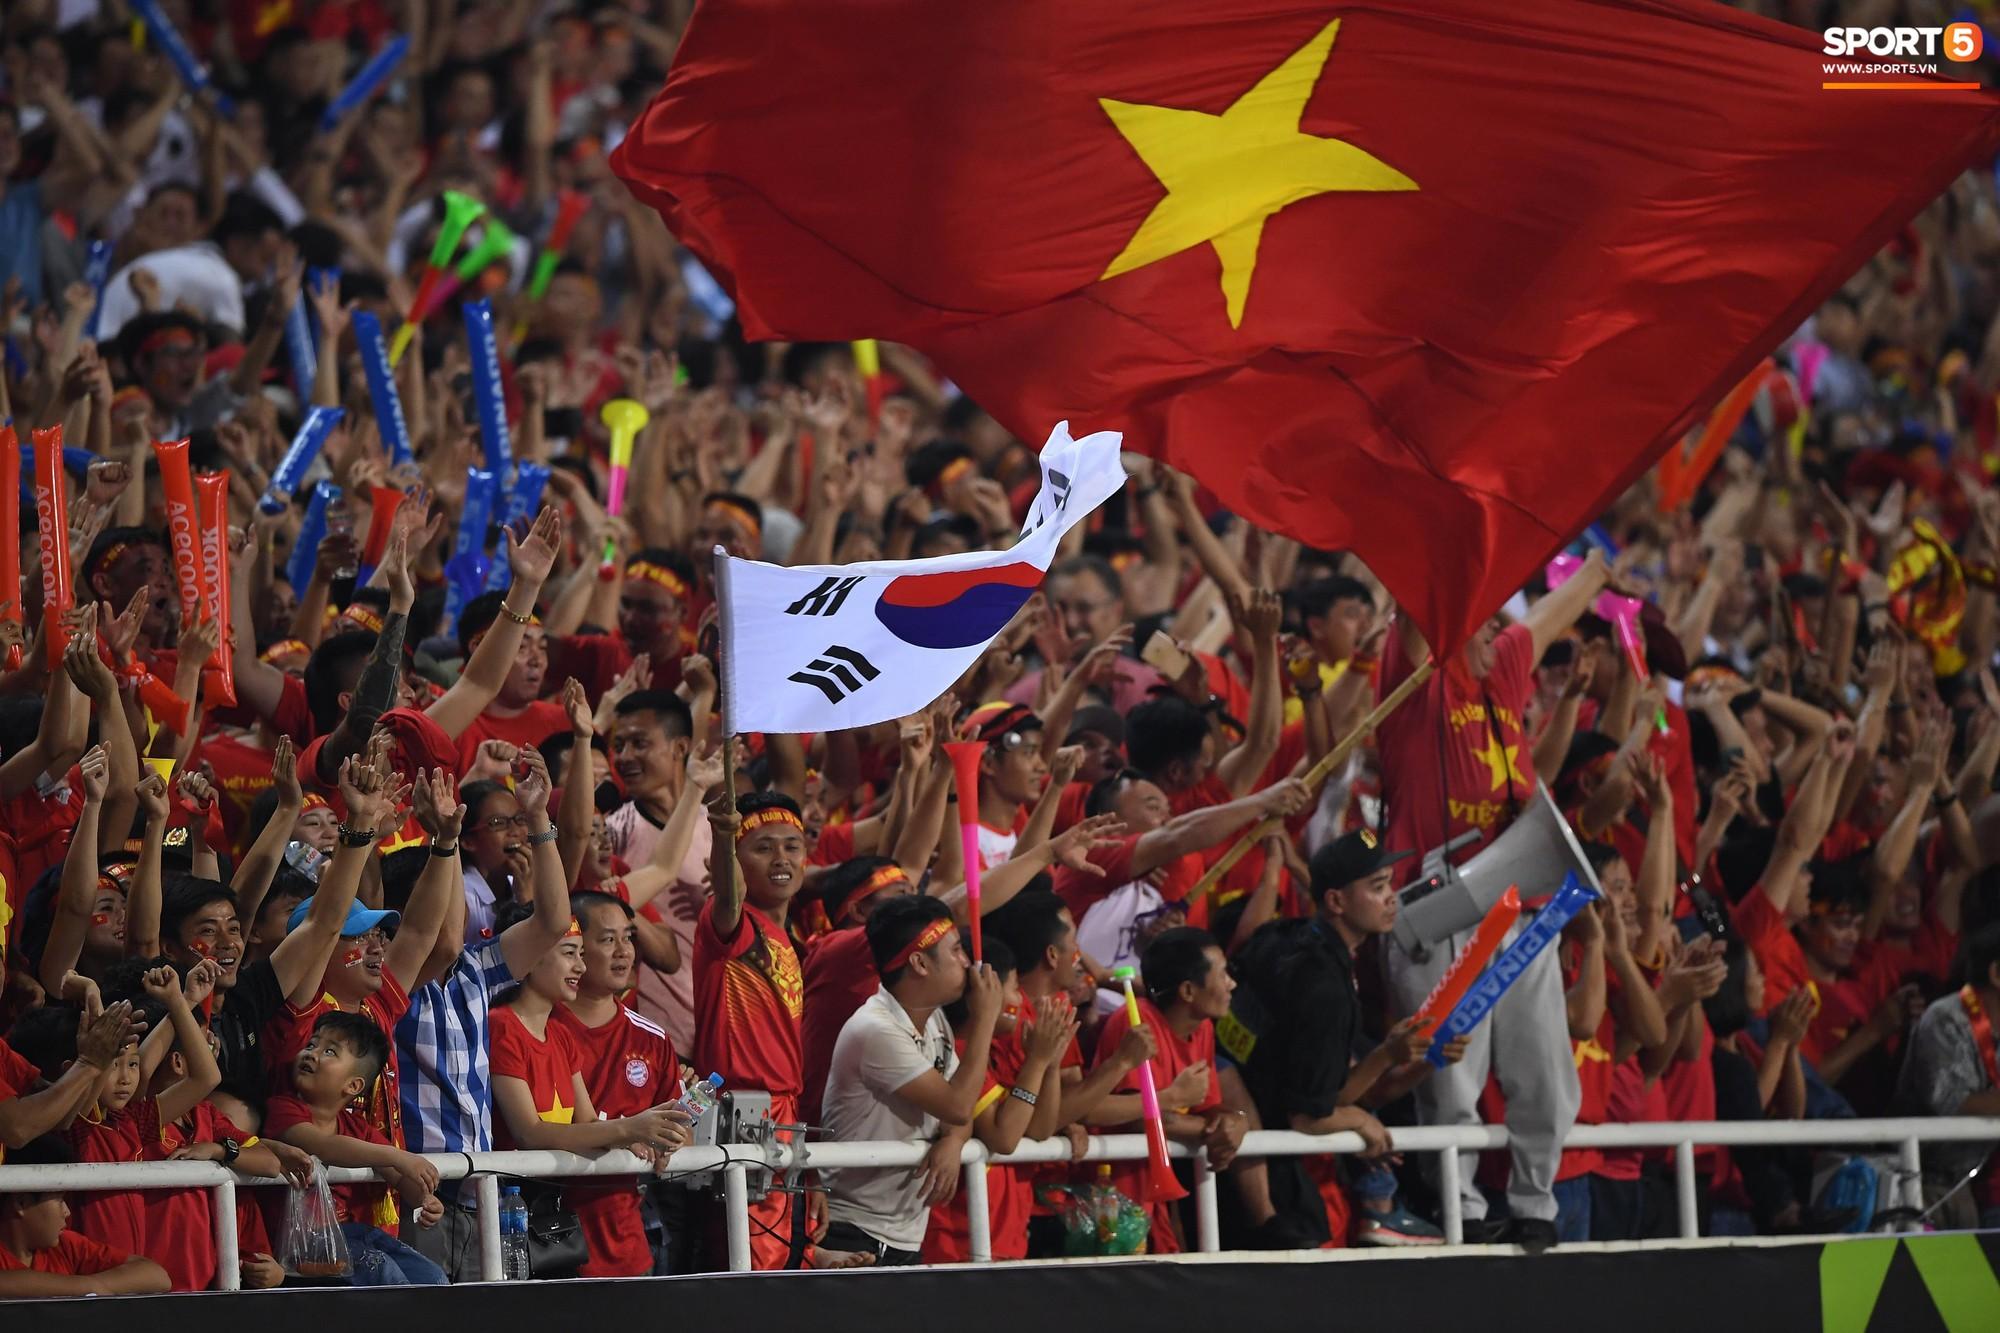 HLV Eriksson ghen tỵ với đội tuyển Việt Nam vì không khí ở chảo lửa Mỹ Đình - Ảnh 1.